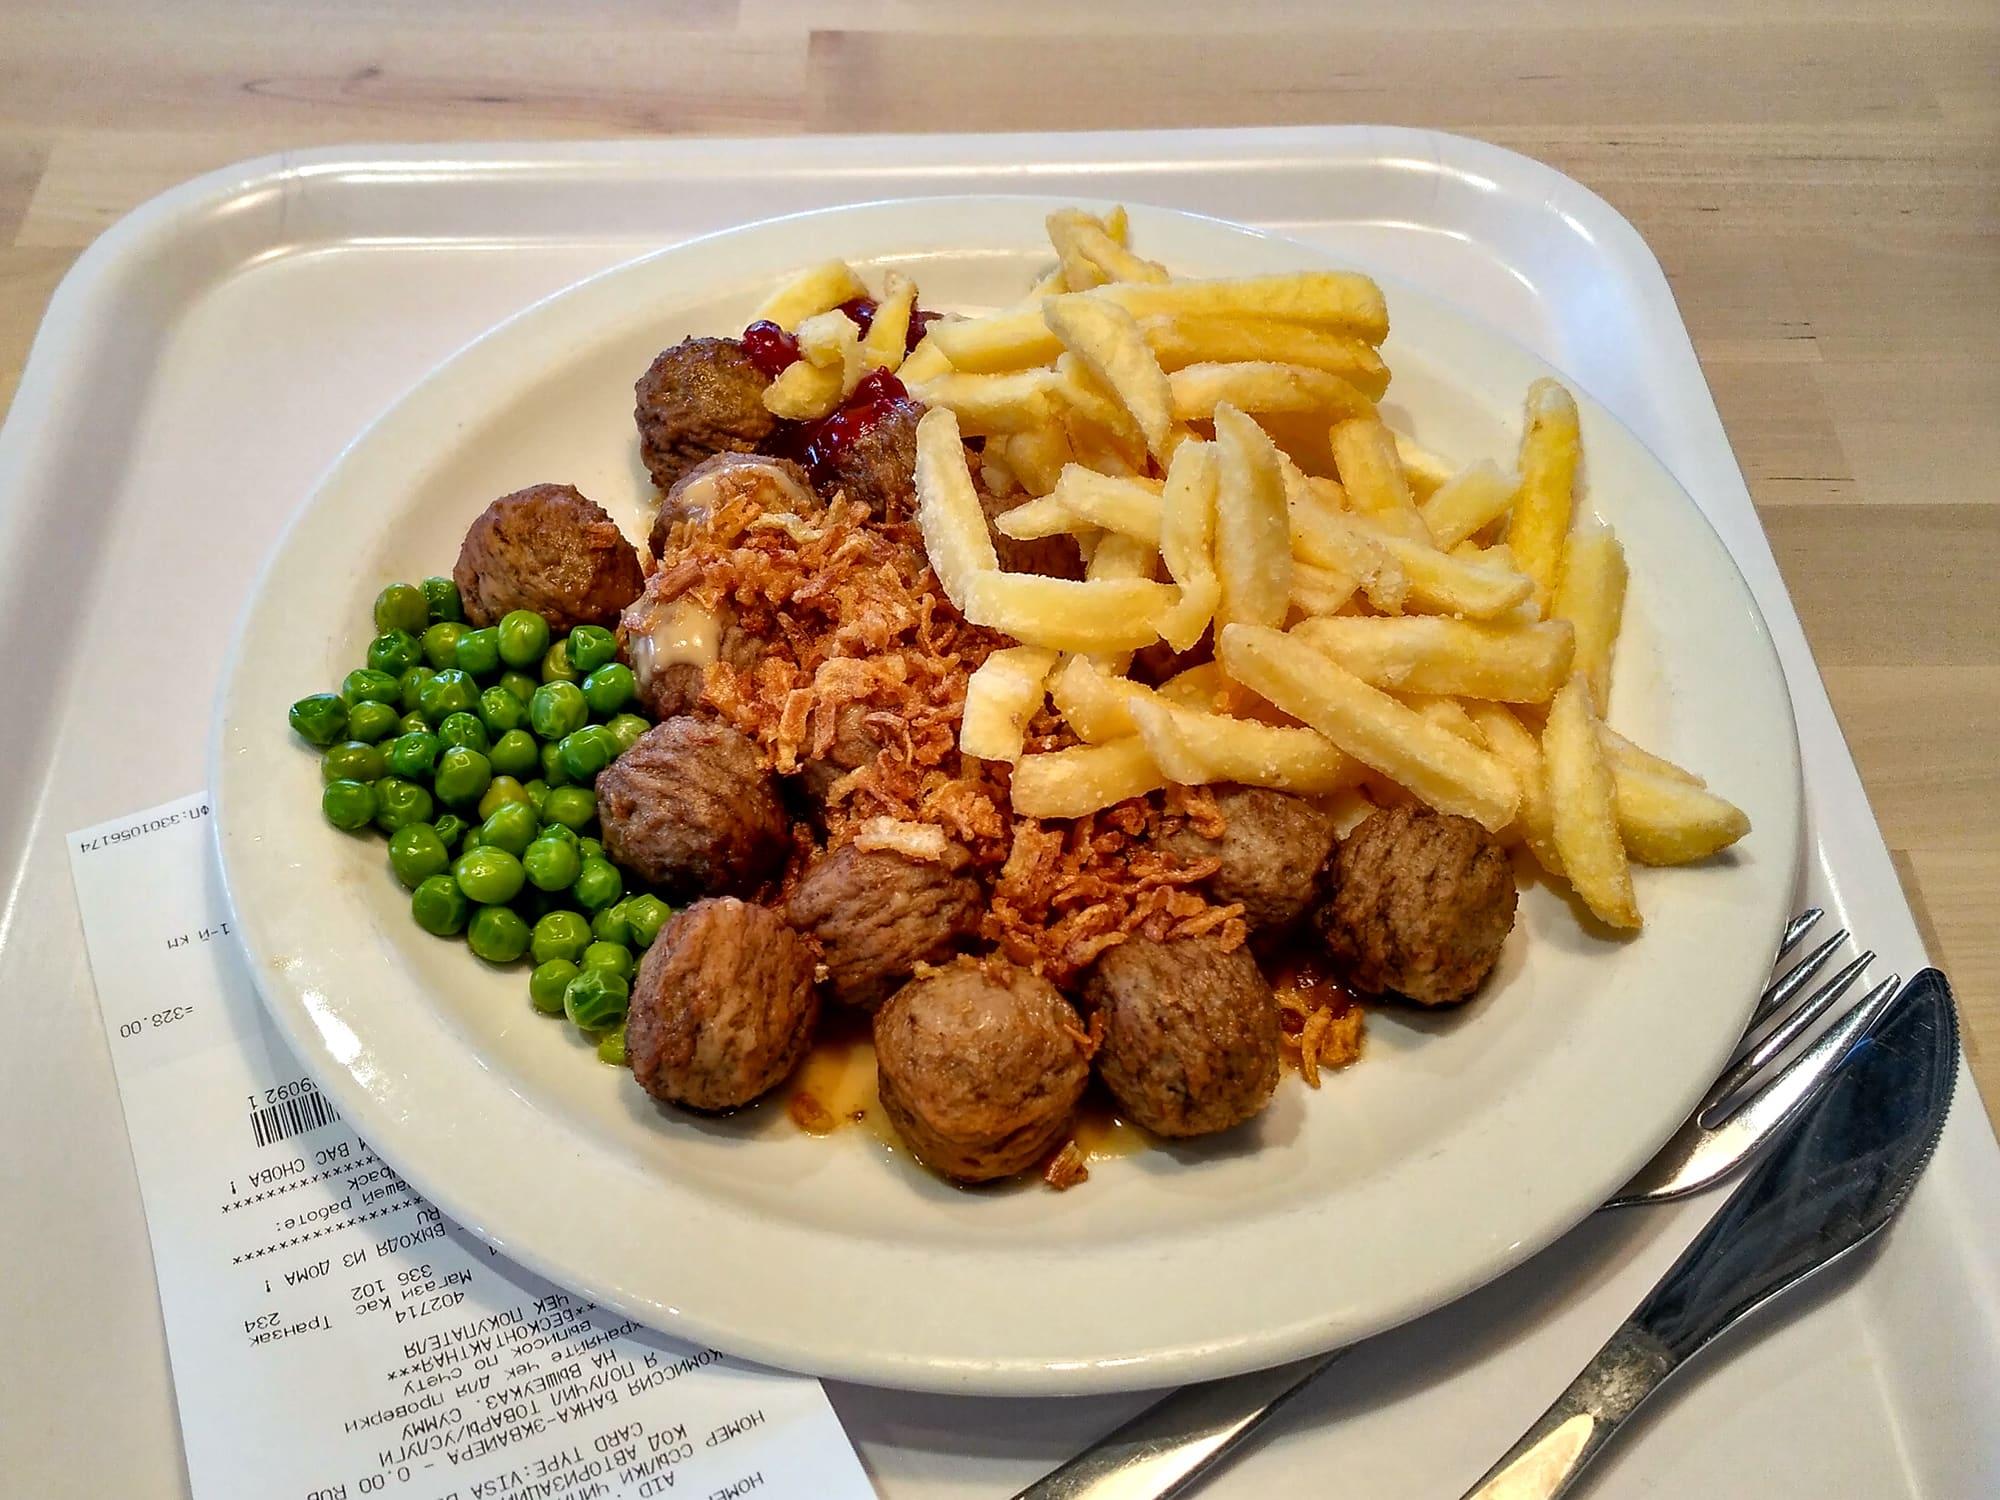 Поднос с тарелкой фрикаделек в ресторане Икеа